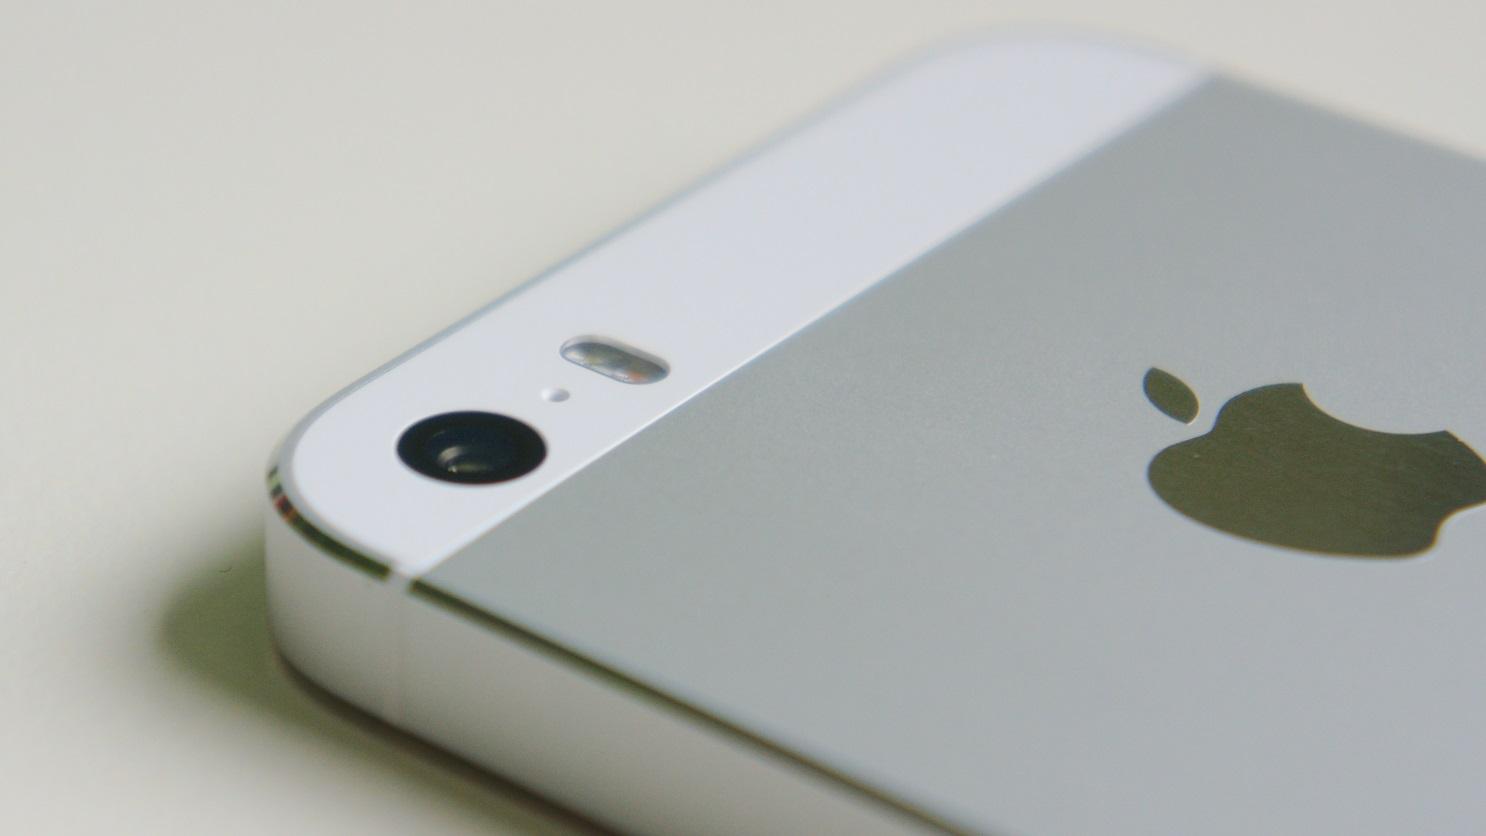 re:Store предлагает новые iPhone 5sсоскидкой 8000 рублей